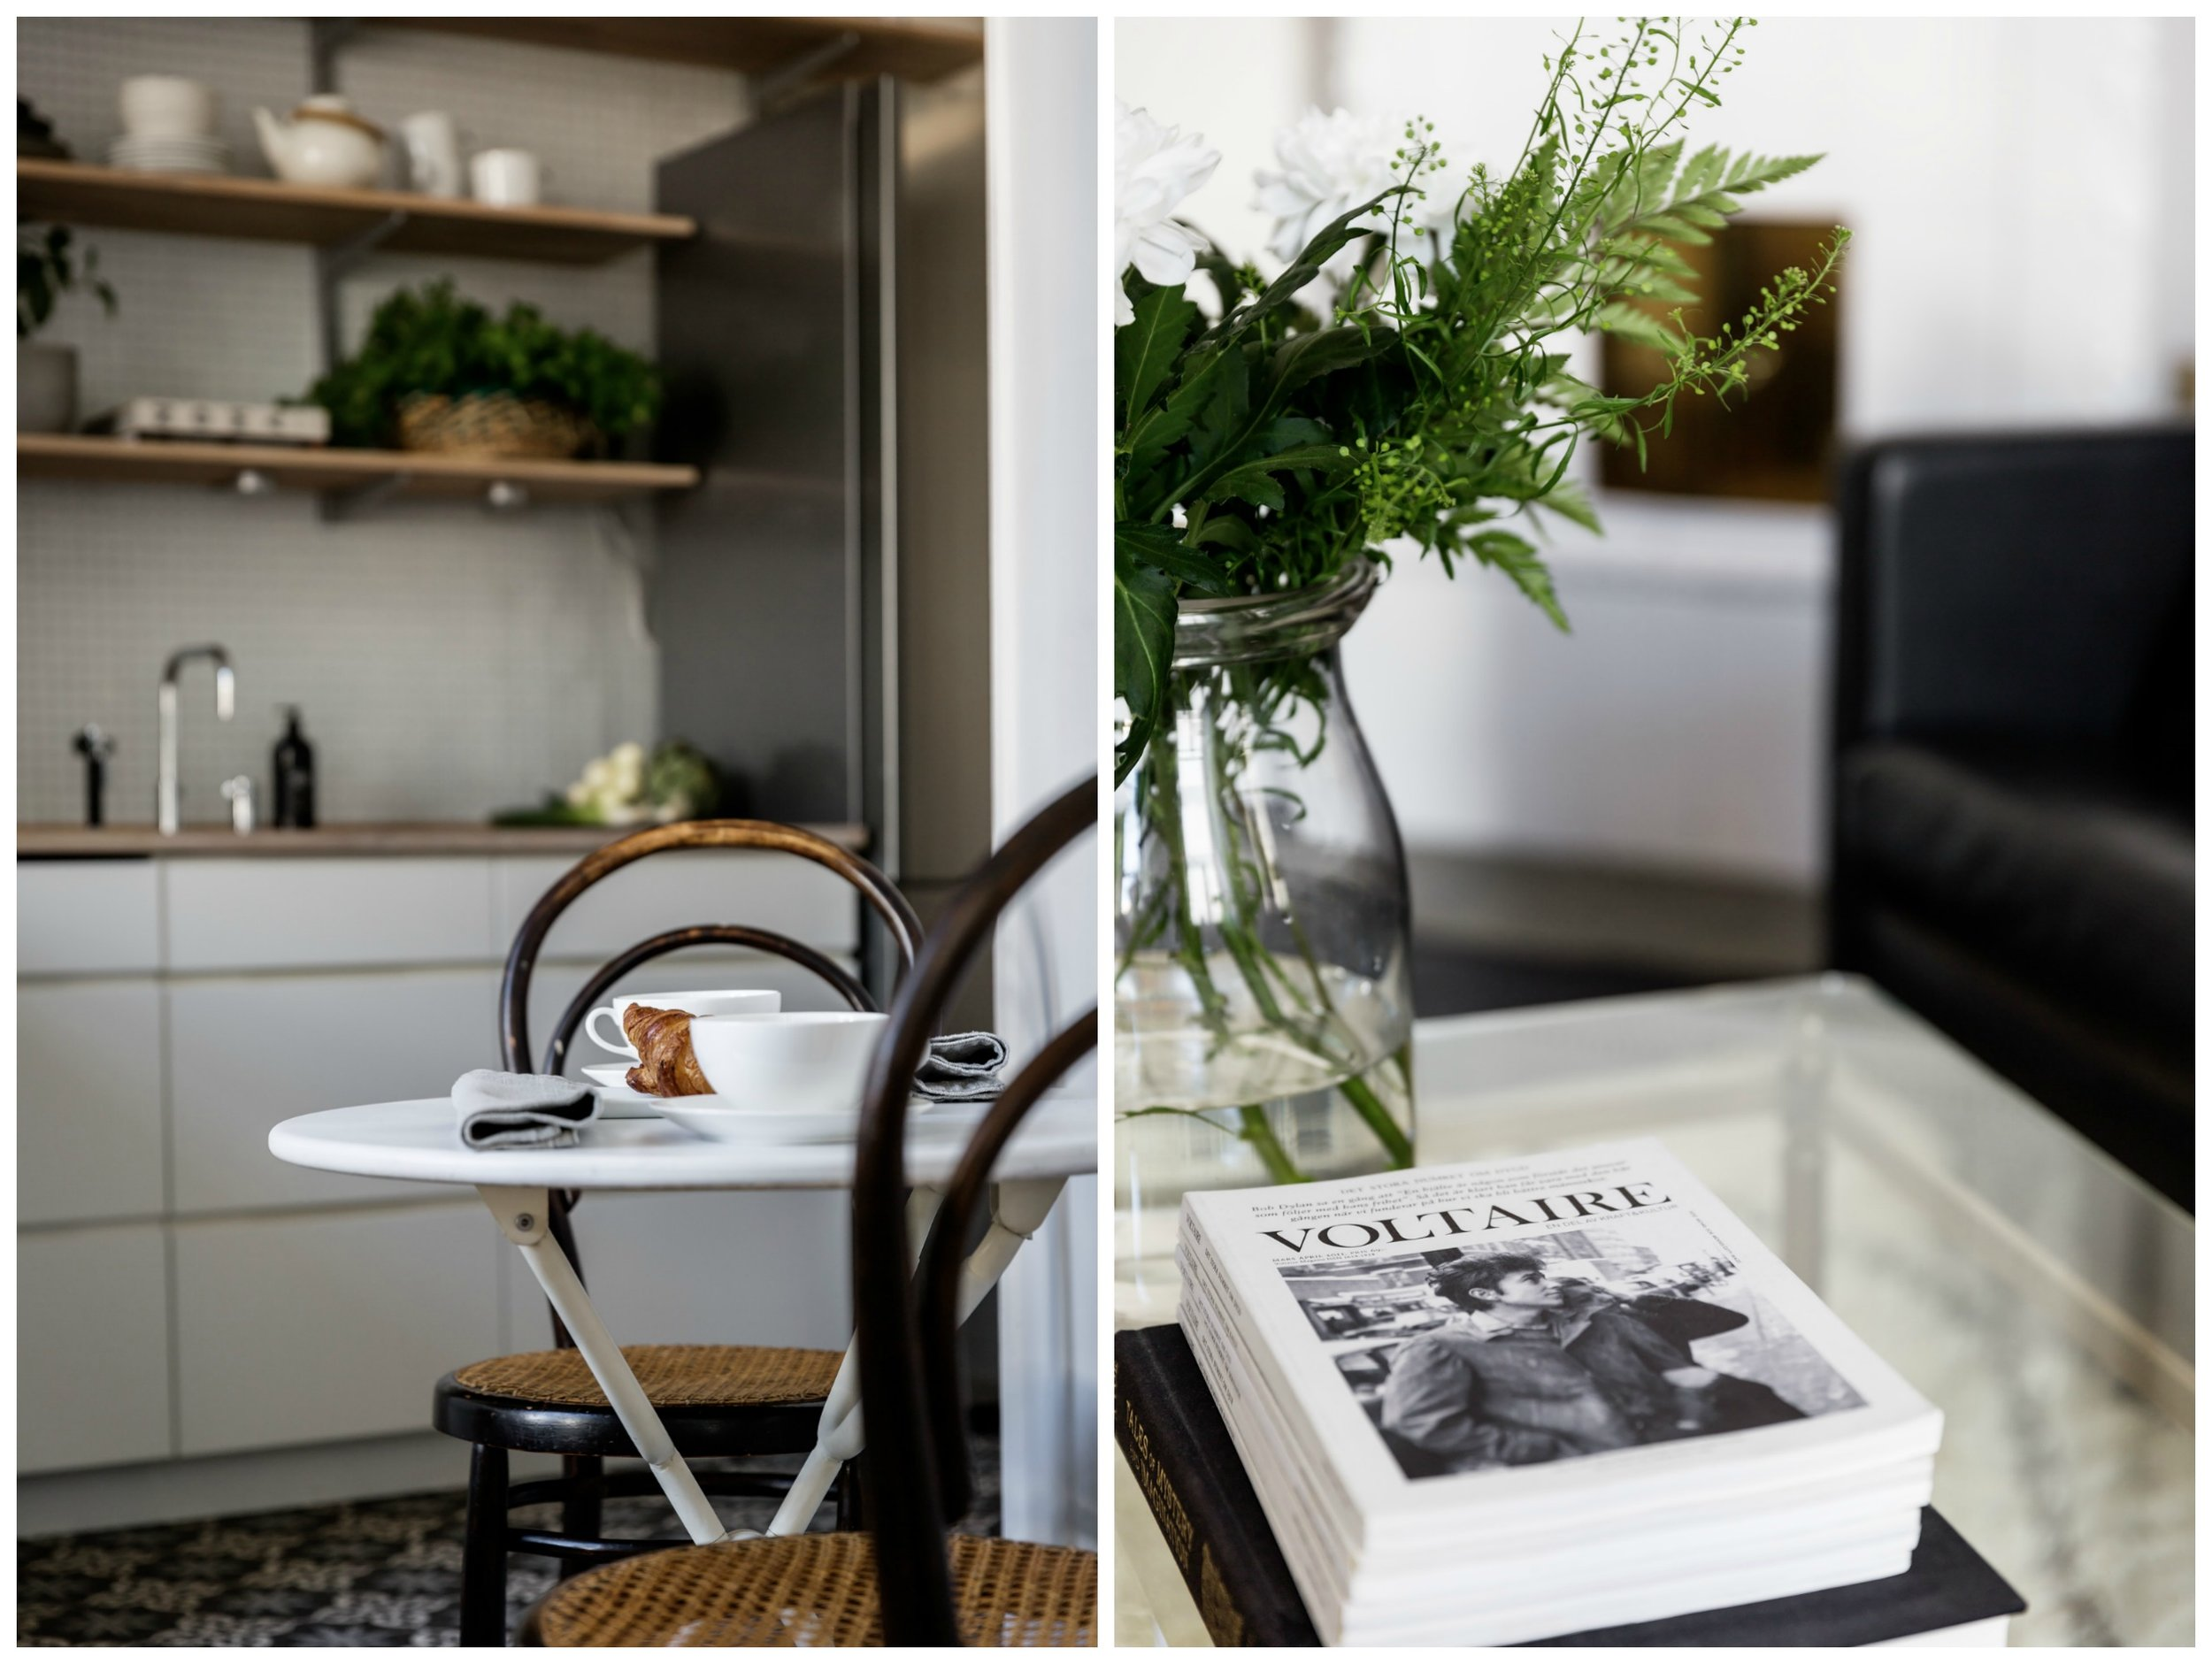 Sofia CM Home decoration, Luxury Styling, Home interior, Switzerland Zurich